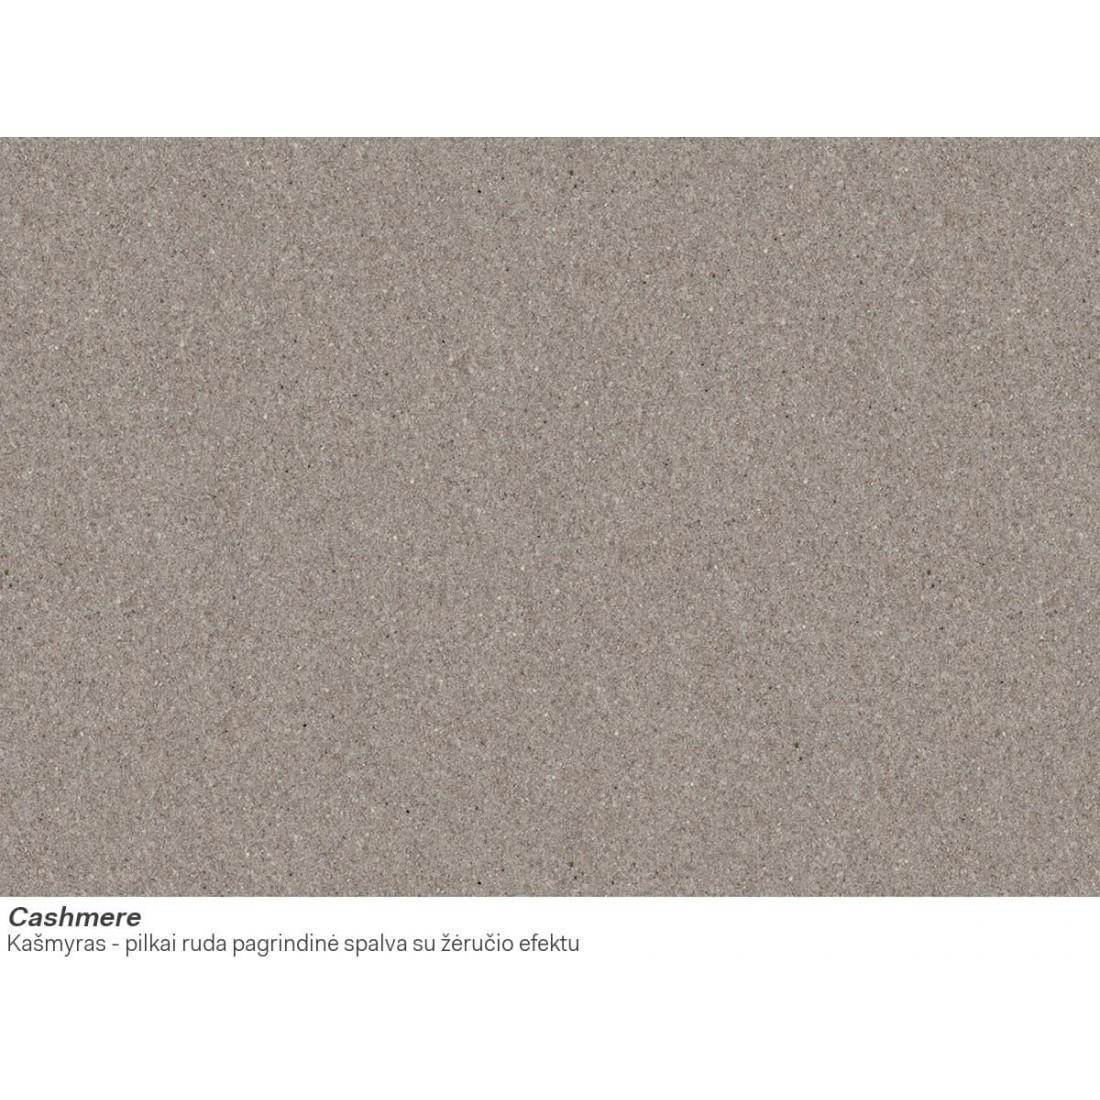 Akmens masės plautuvė Franke Mythos, MTG 611, Cashmere, dubuo dešinėje